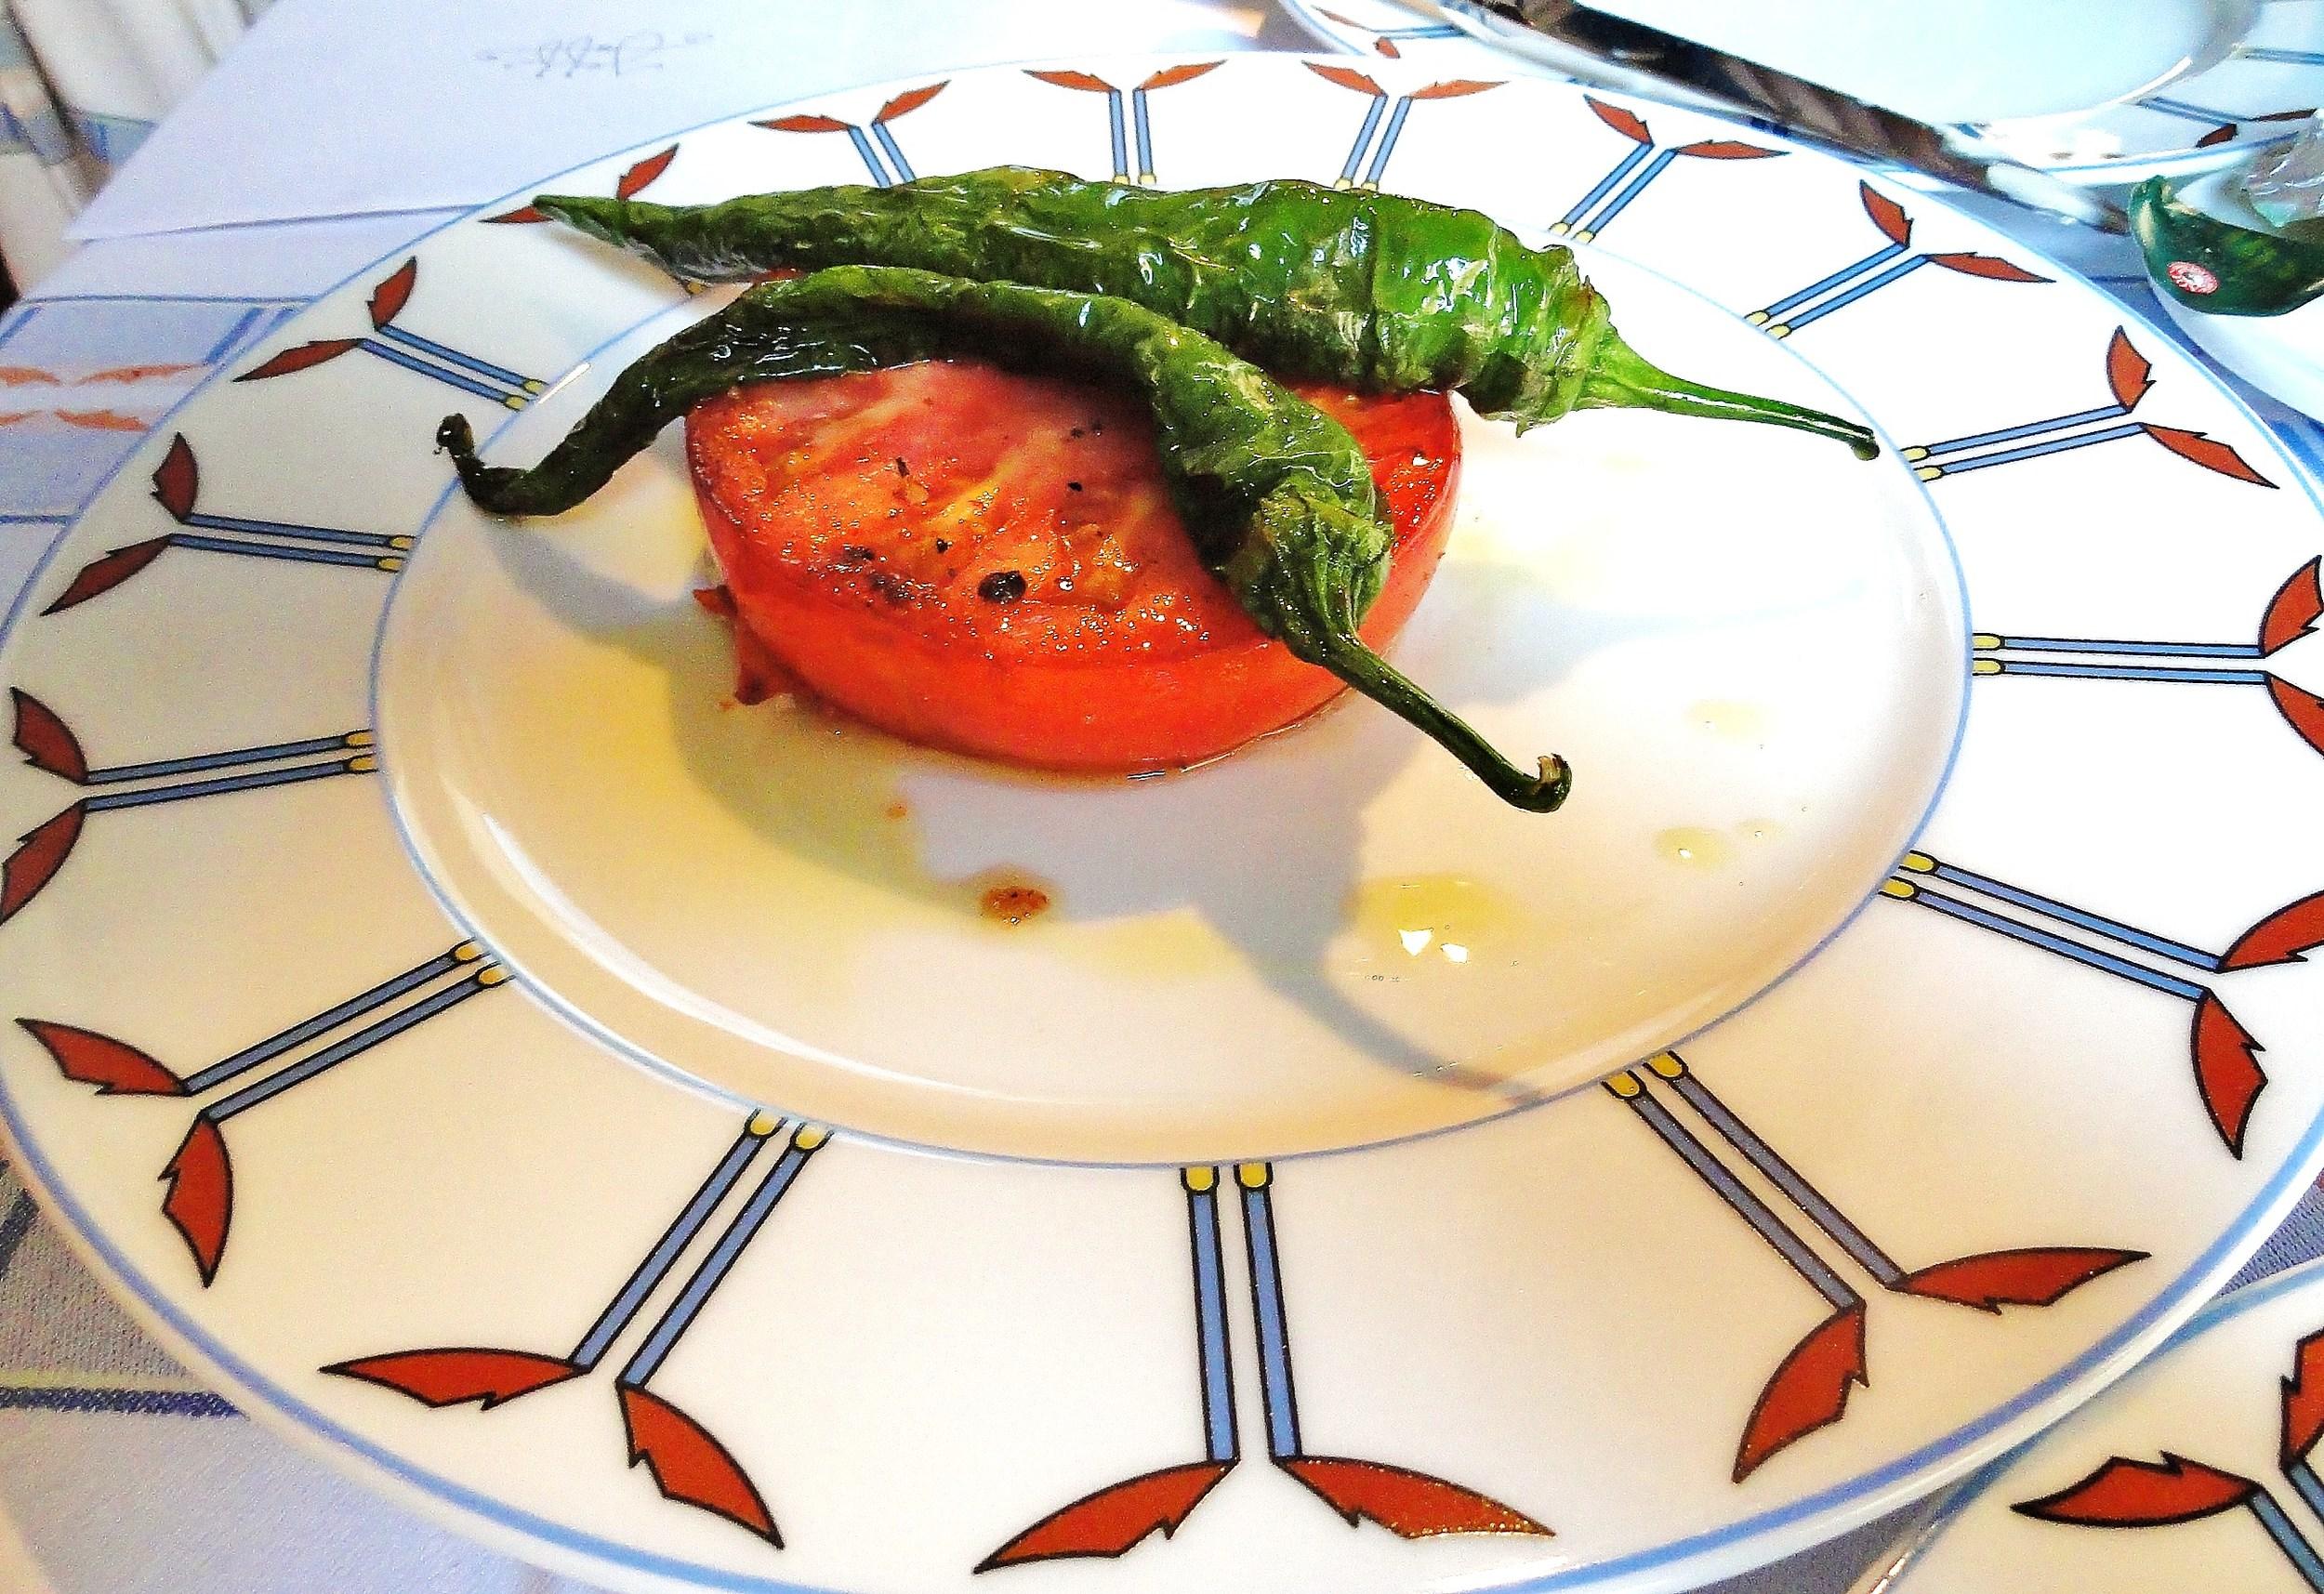 Tomato Pepper bonanza